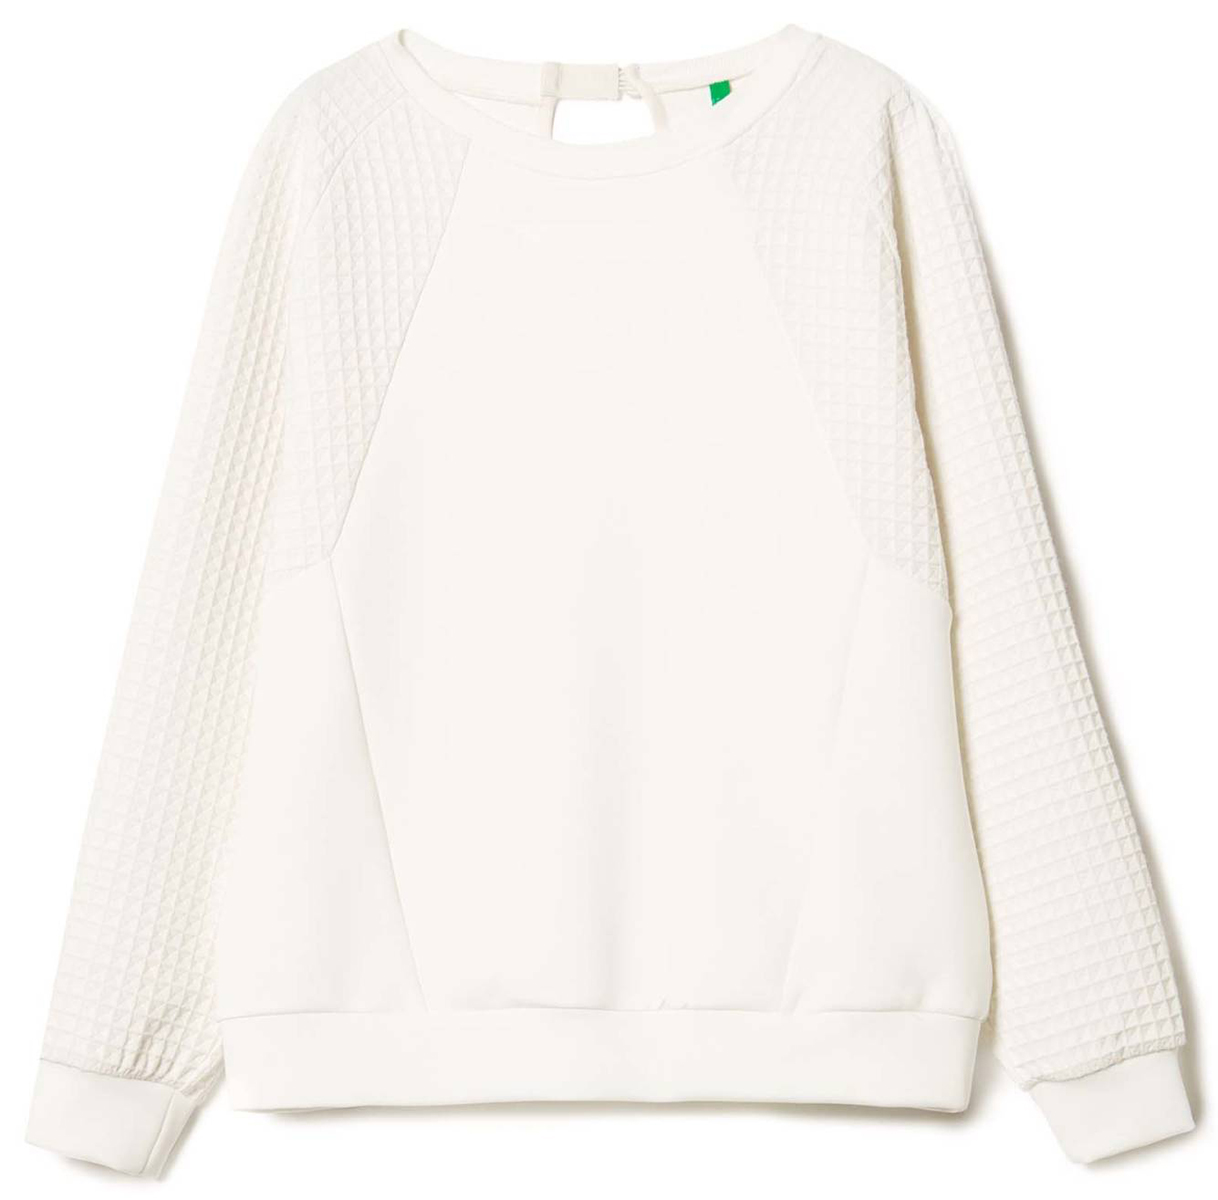 Купить Джемпер женский United Colors of Benetton, цвет: белый. 3AQ9E1F34_036. Размер XS (40/42)